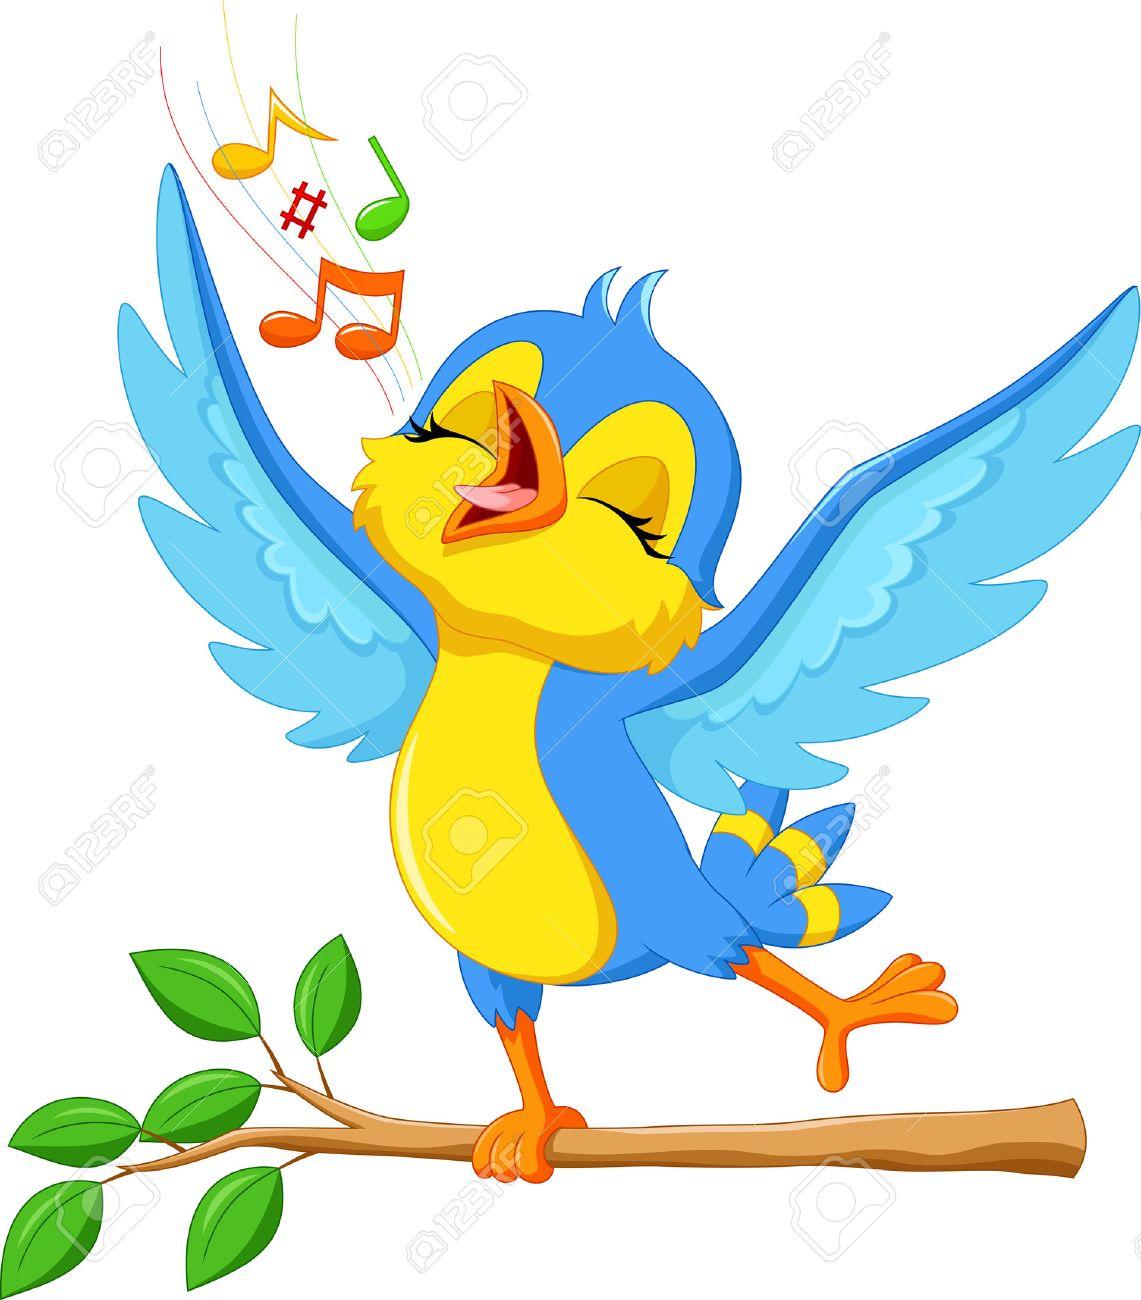 かわいい小鳥のイラストのイラスト素材ベクタ Image 52210780